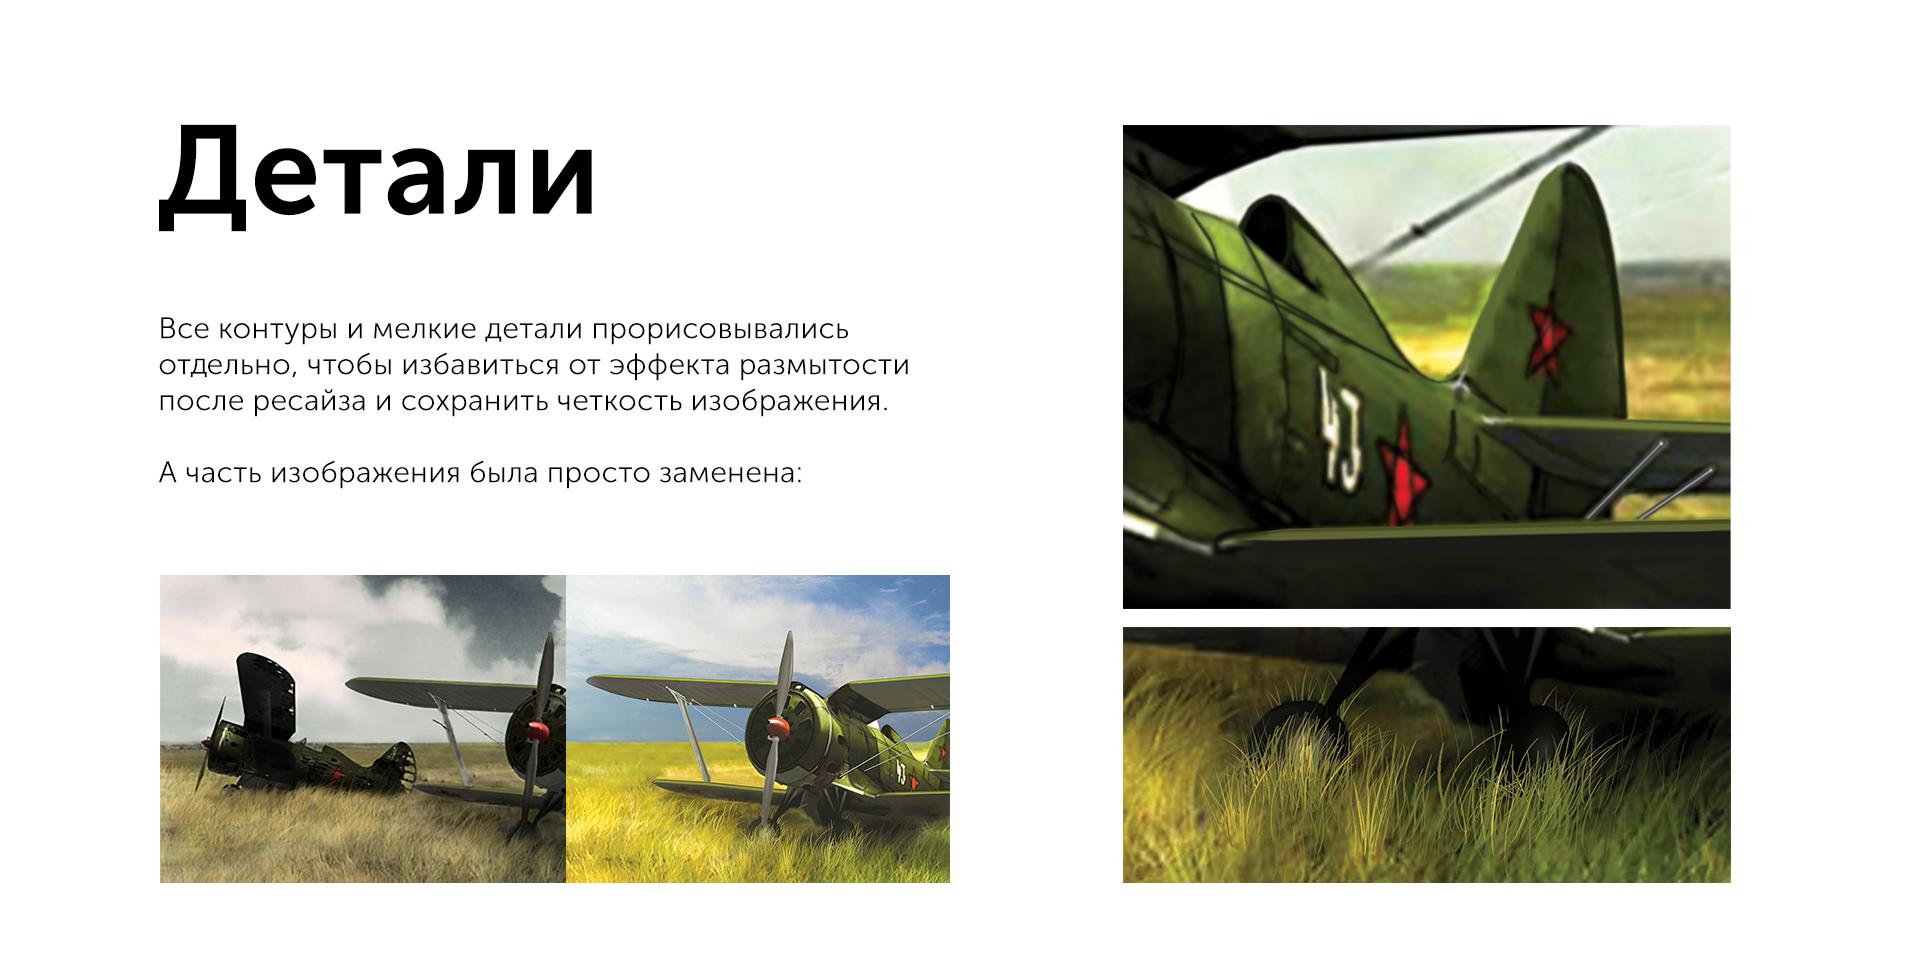 «Самолёт» – Ресайз изображения с ручной отрисовкой в высоком разрешении